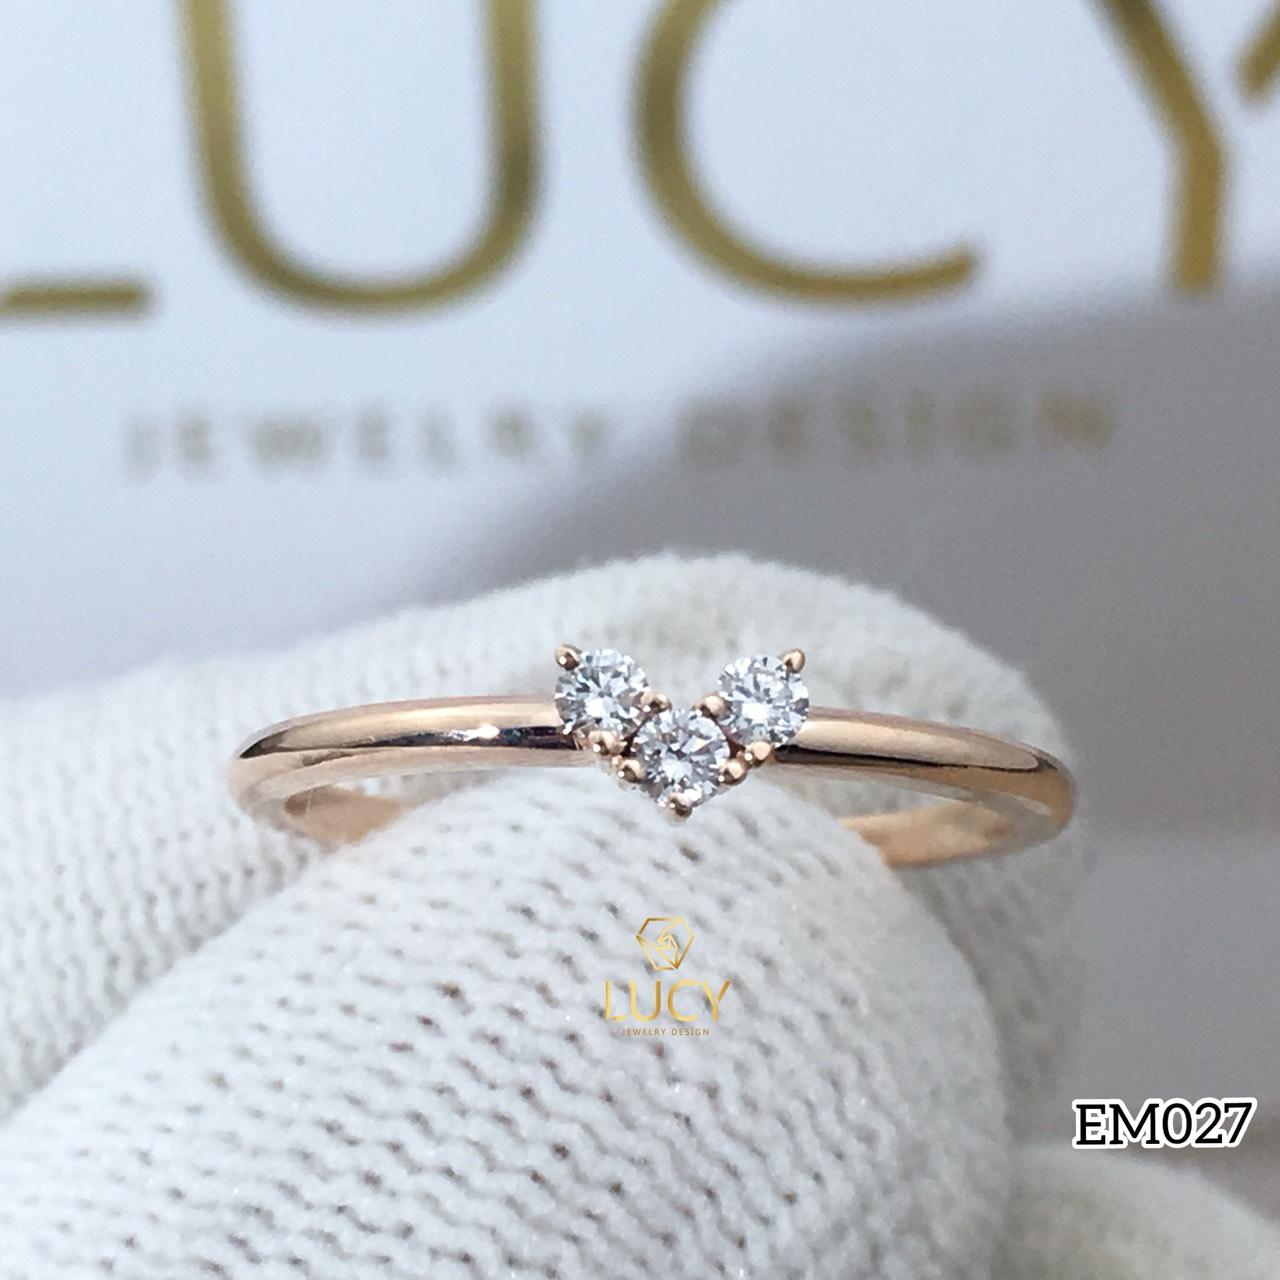 EM027 Nhẫn nữ, nhẫn vàng, nhẫn thiết kế, nhẫn cầu hôn, nhẫn đính hôn - Lucy Jewelry